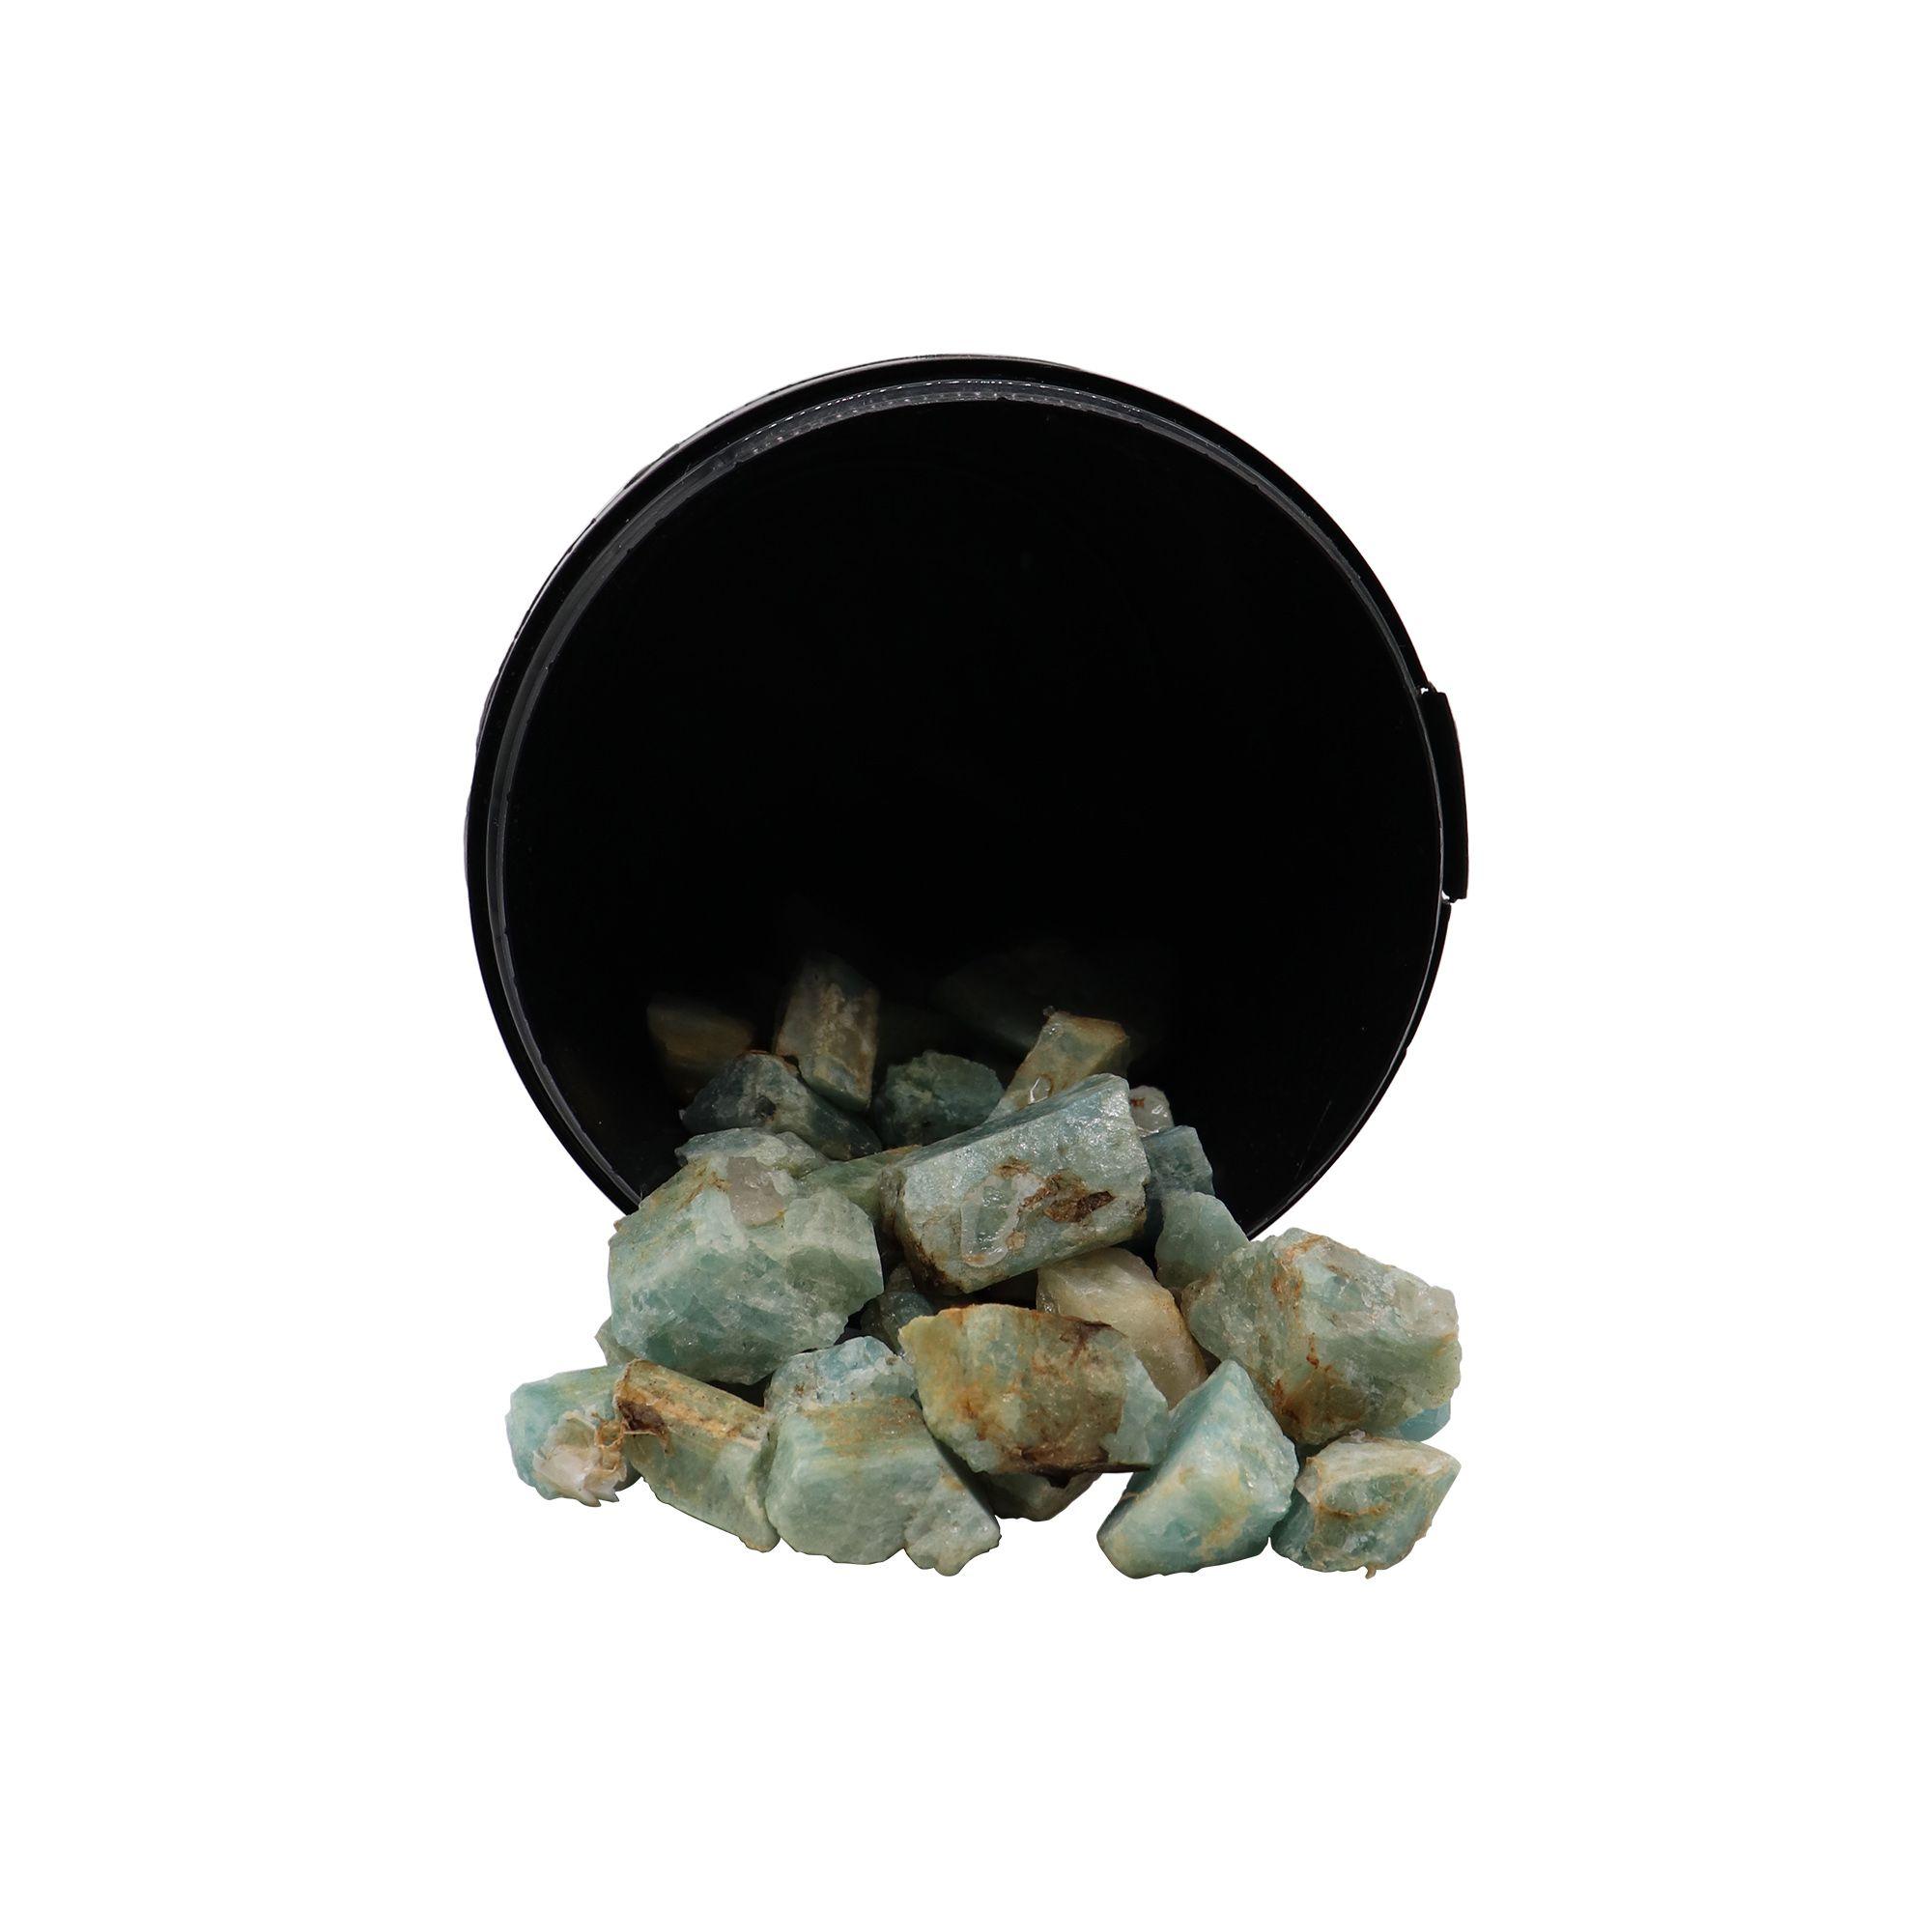 Kit com 5 pedras Calcita verde ~ 7 à 25g